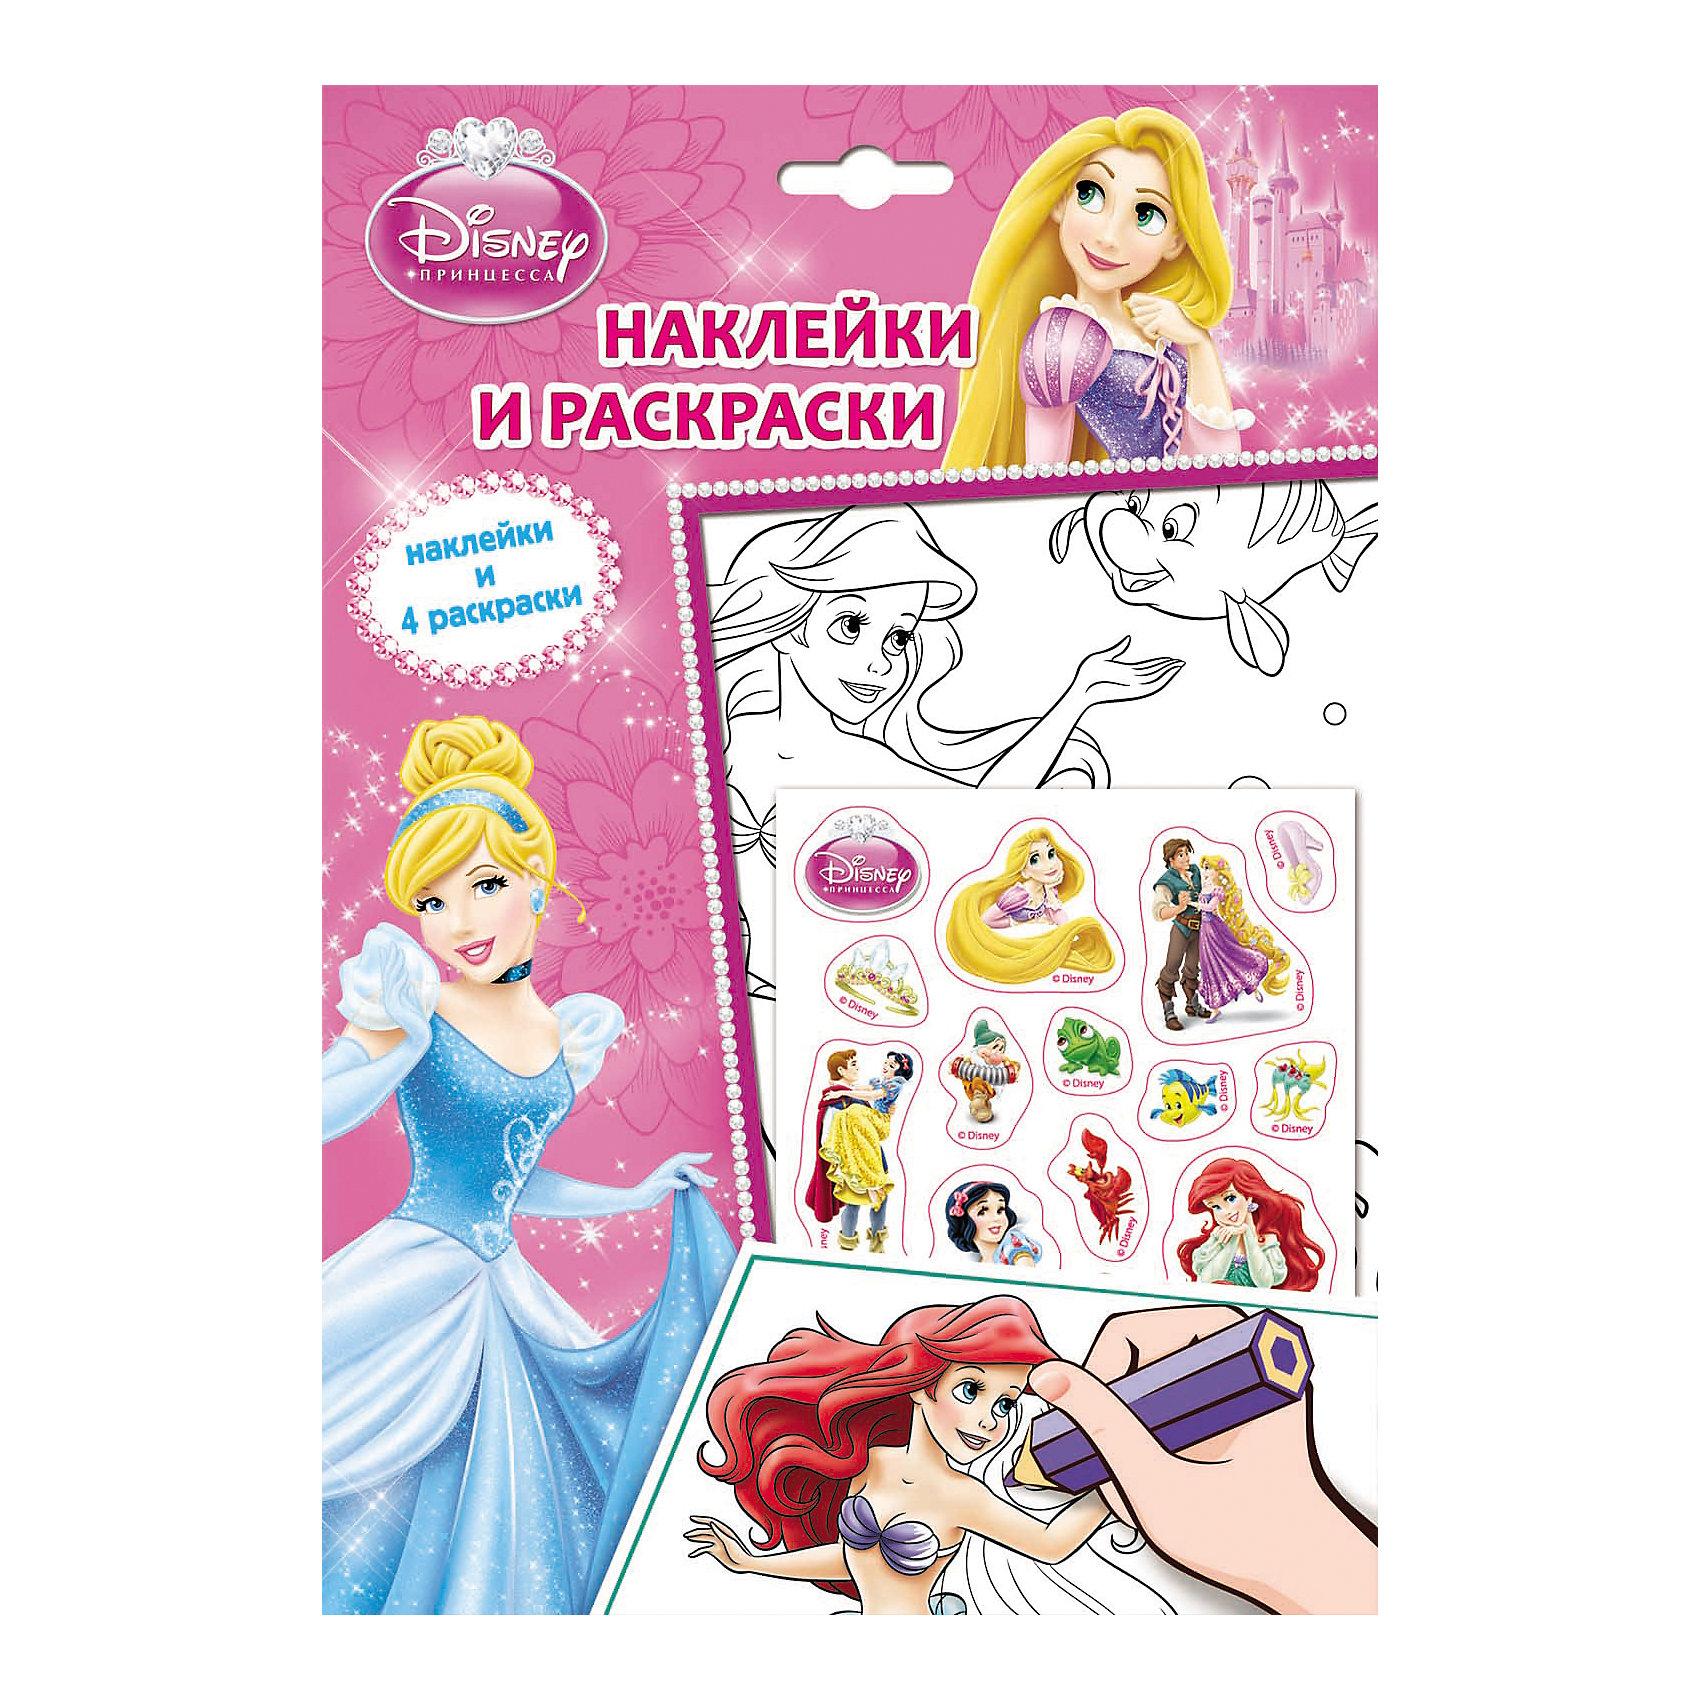 Принцесса. Наклейки и раскраски, Disney